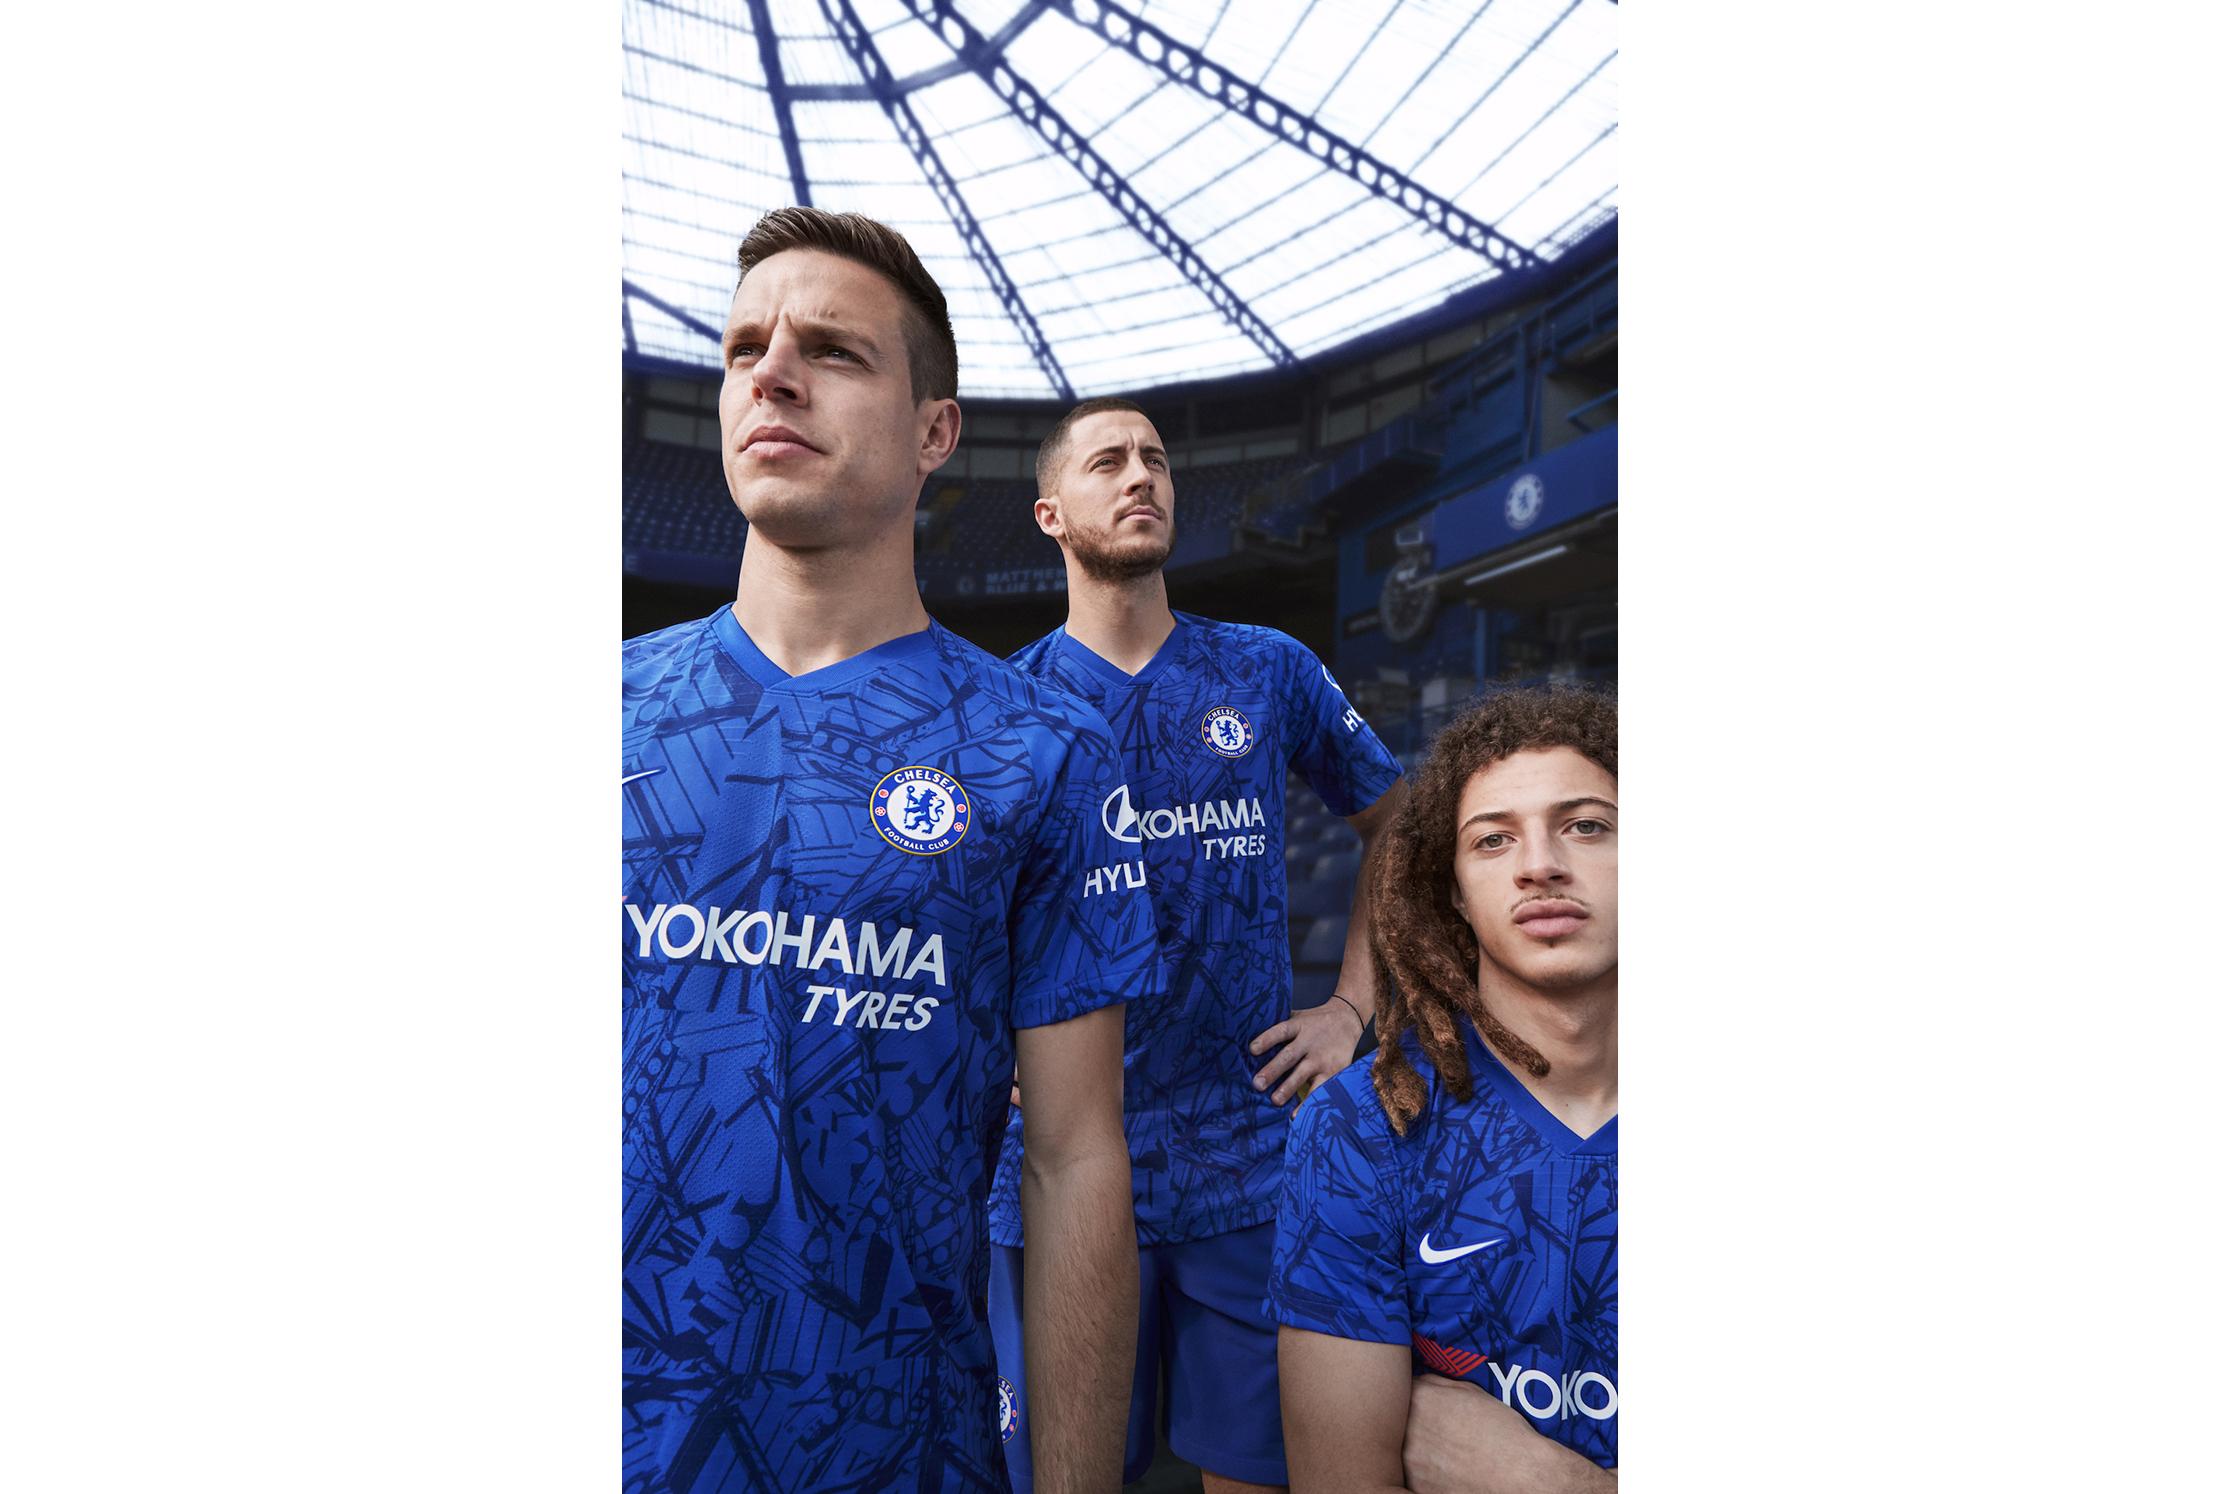 Nike_ChelseaFC_HomeKit_2019-20_7_87522